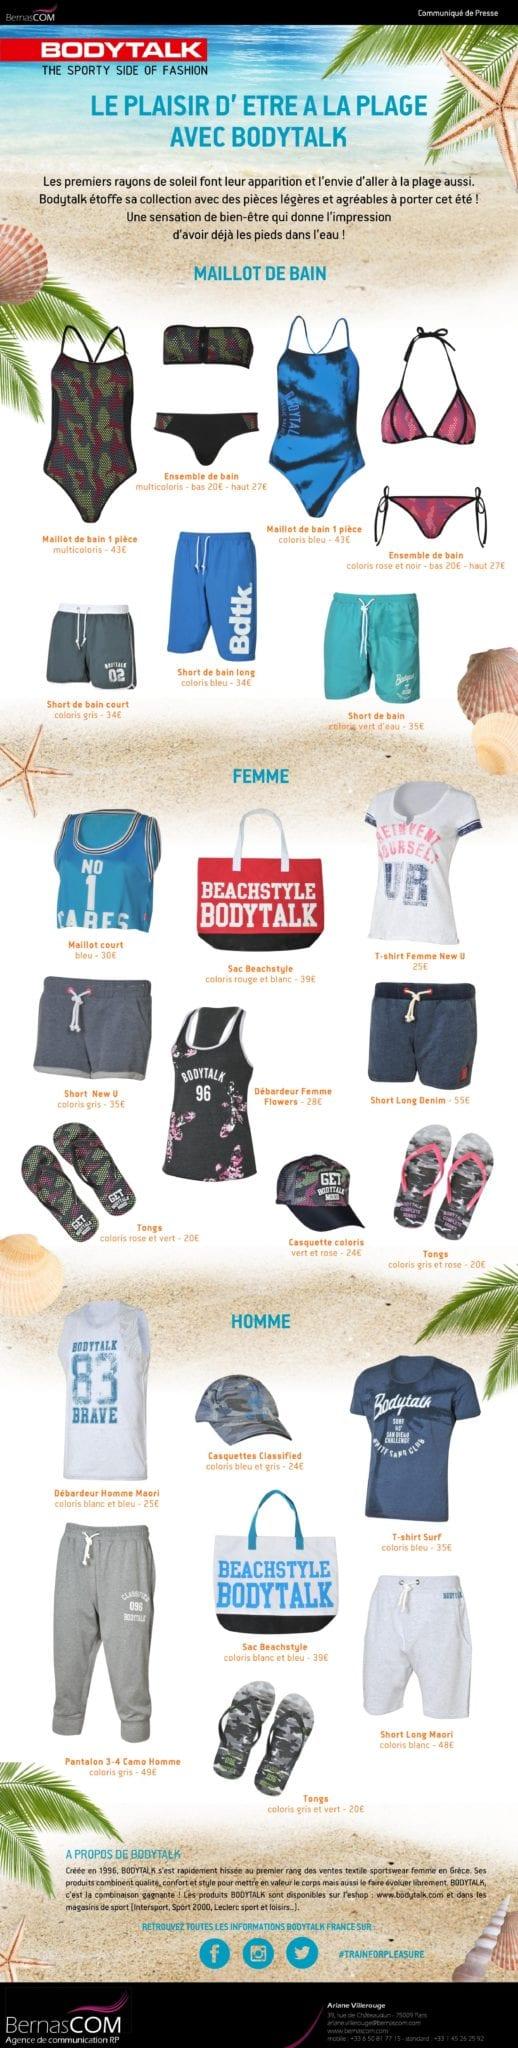 Bodytalk - CP beachwear